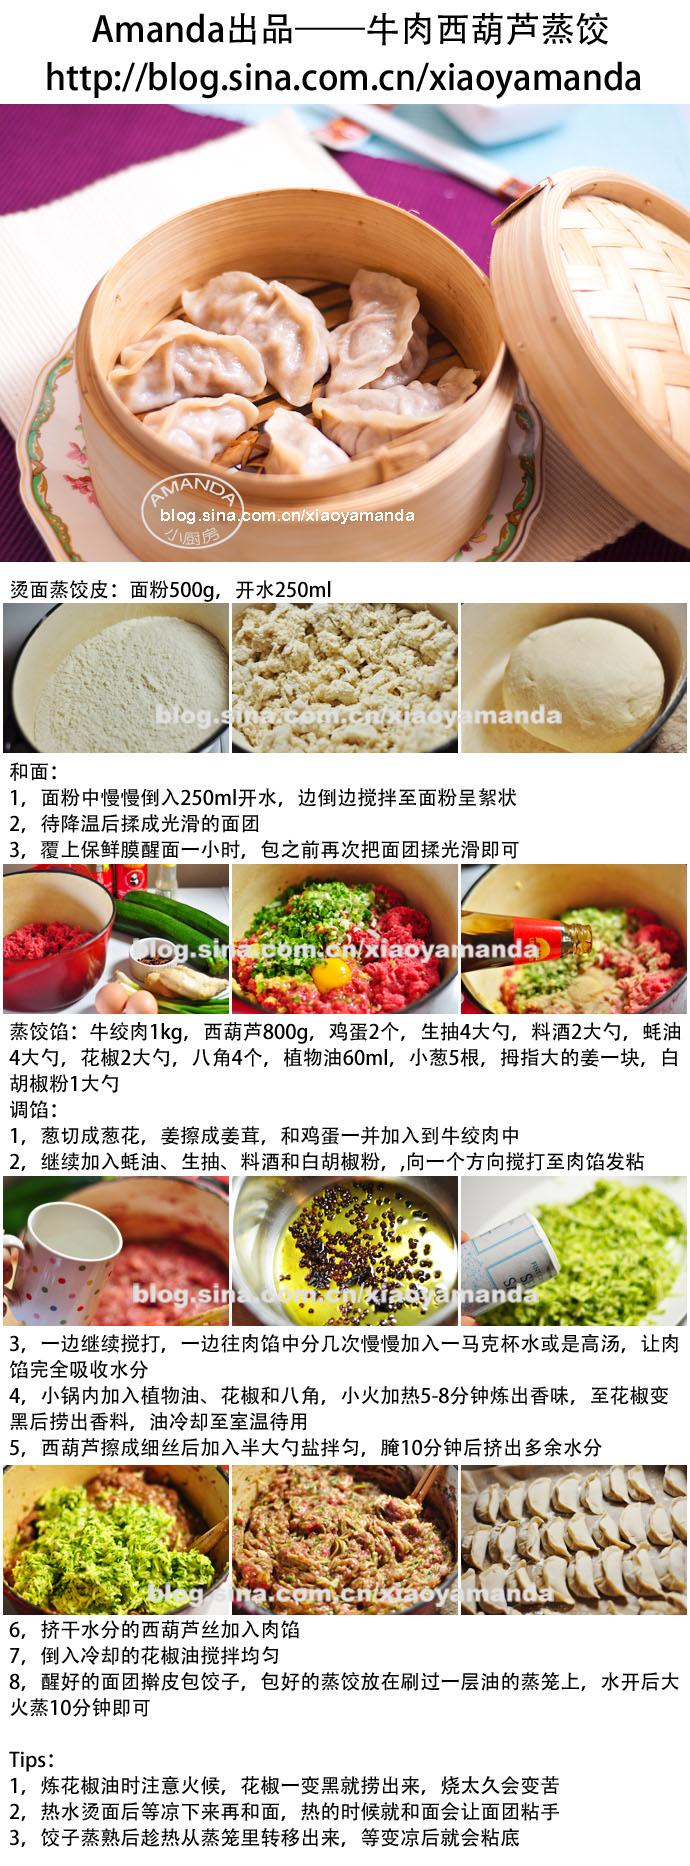 烫面蒸饺全攻略——西葫芦牛肉蒸饺